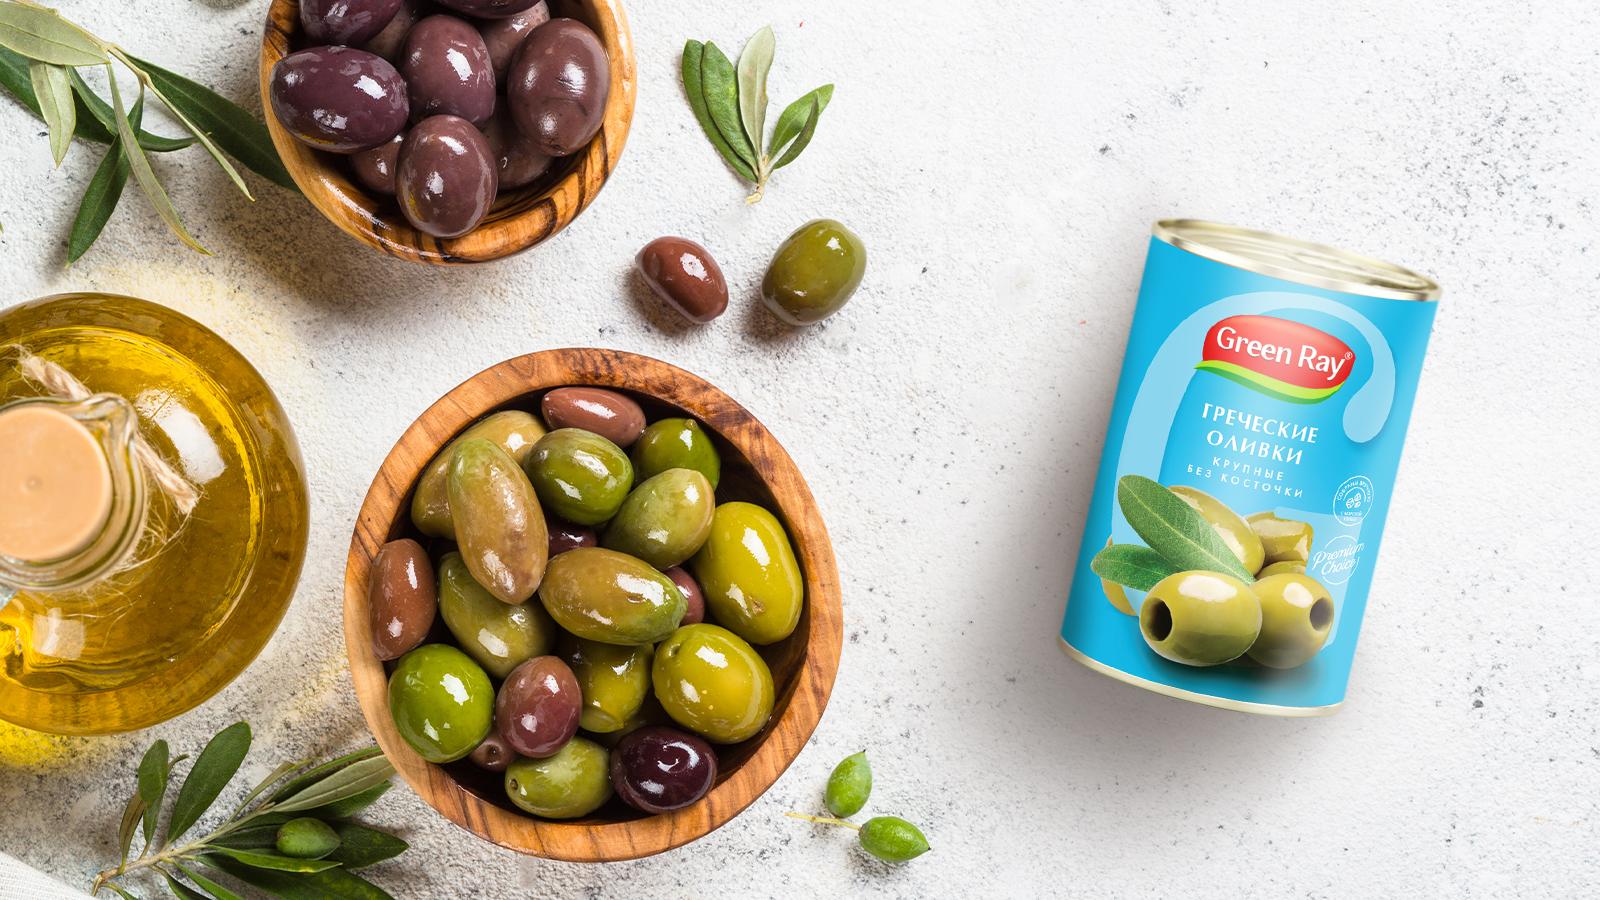 Бренд консервированных овощей Green Ray представлен во всех ключевых ценовых сегментах и всех крупнейших розничных сетях